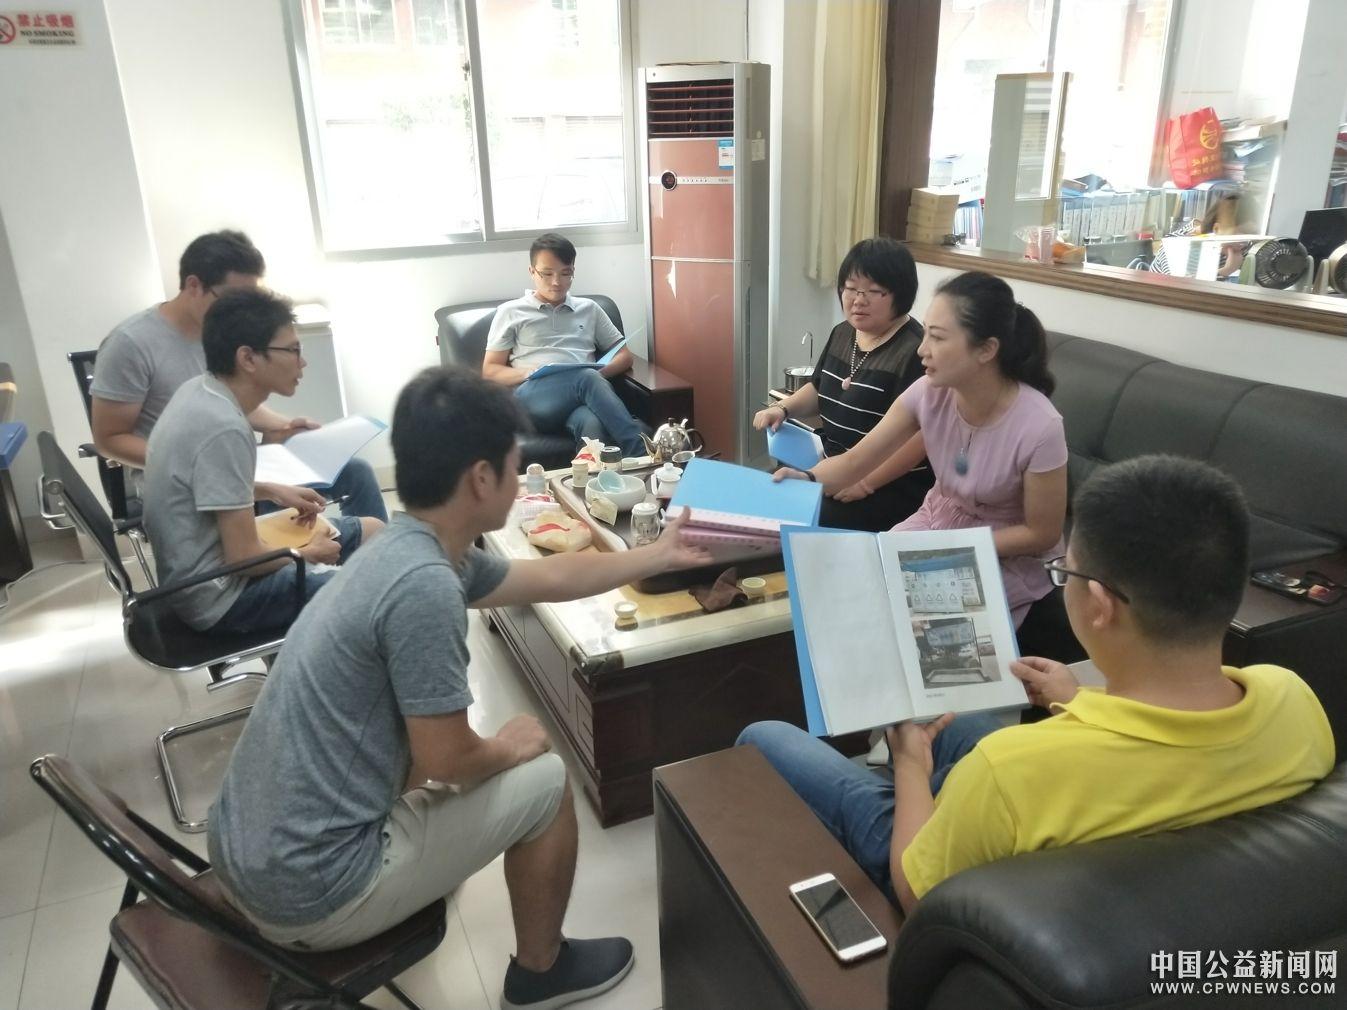 丰泽区交通市政局、考评中心联合莅临东凤社区检查垃圾分类项目